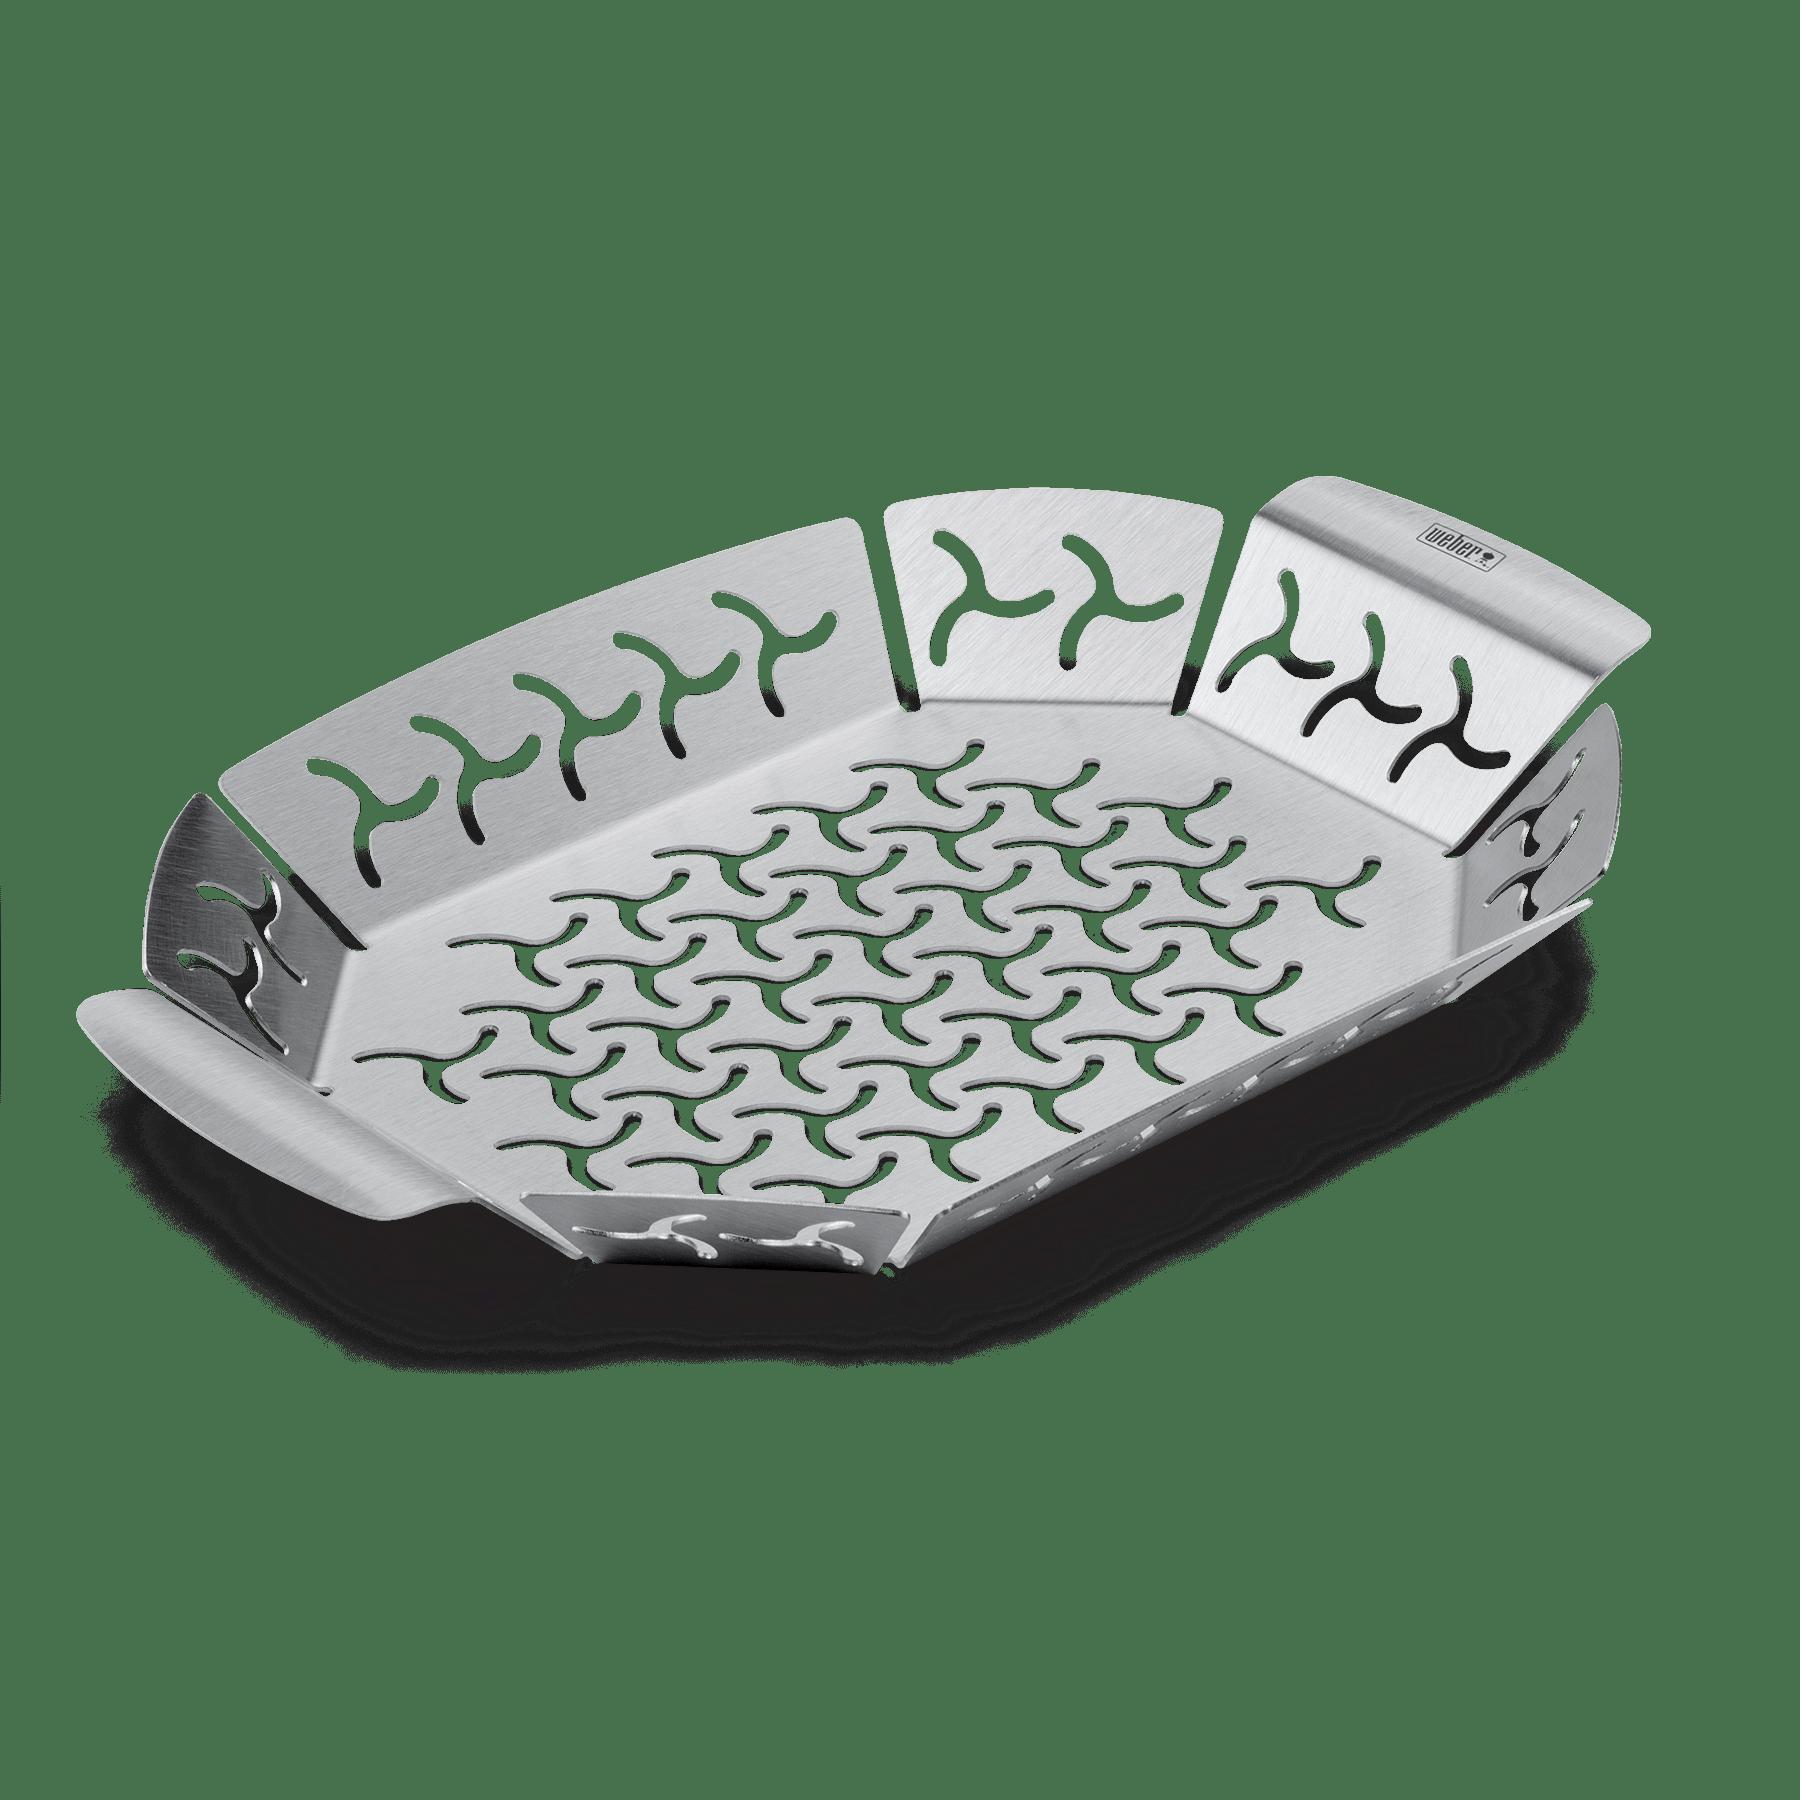 Premium-Grillkorb